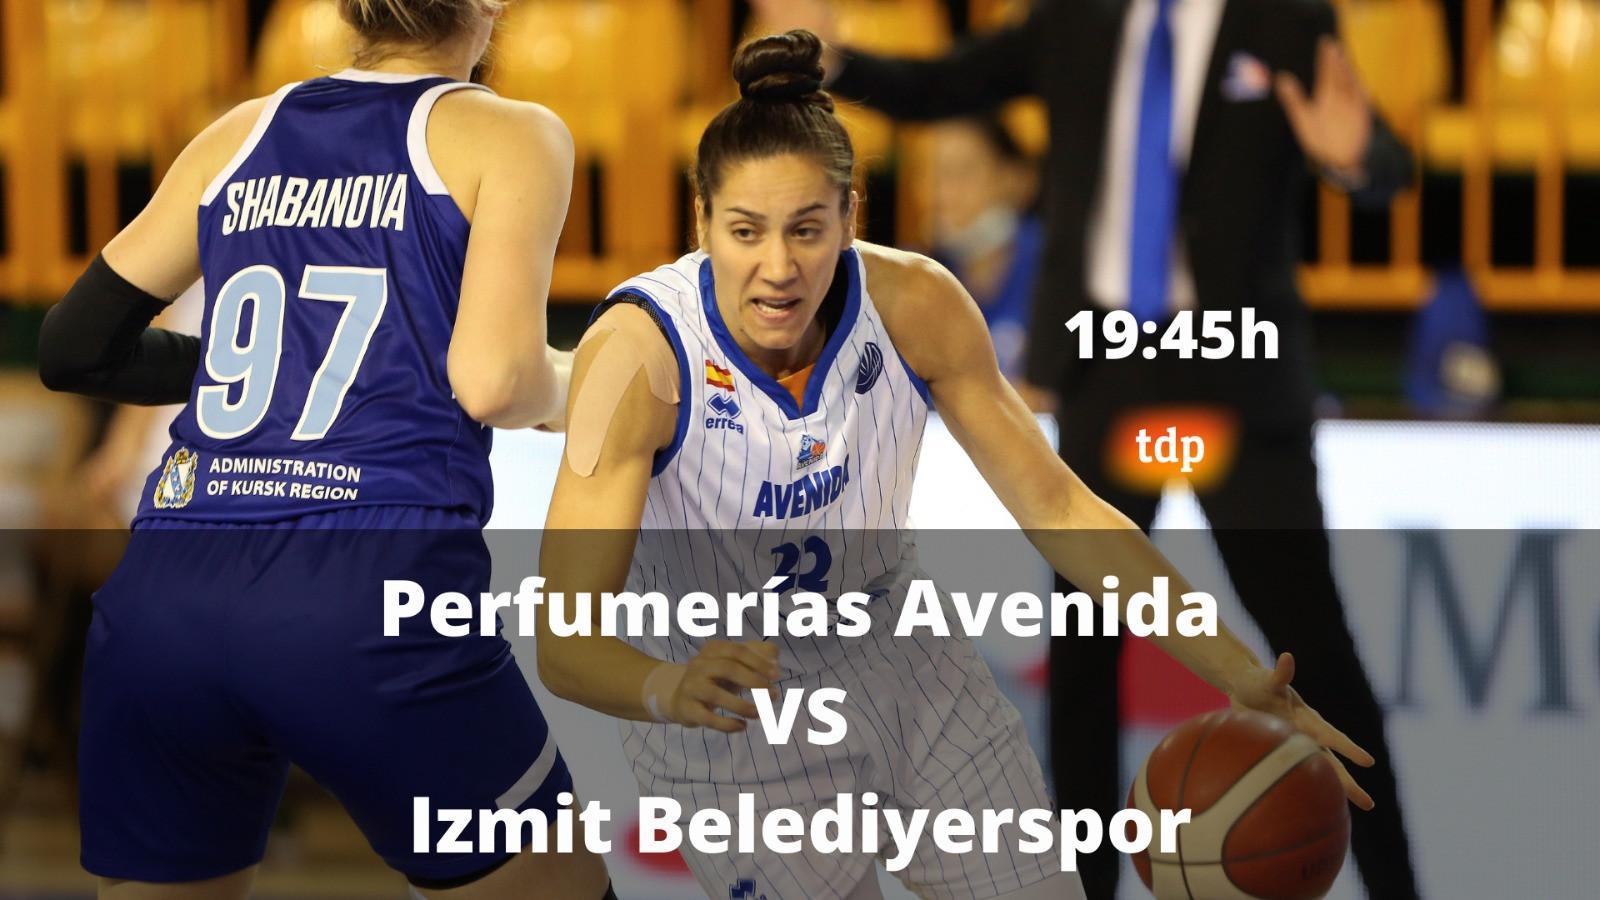 Perfumerías Avenida busca el pleno de victorias y evitar lesiones ante el Izmit Belediyerspor